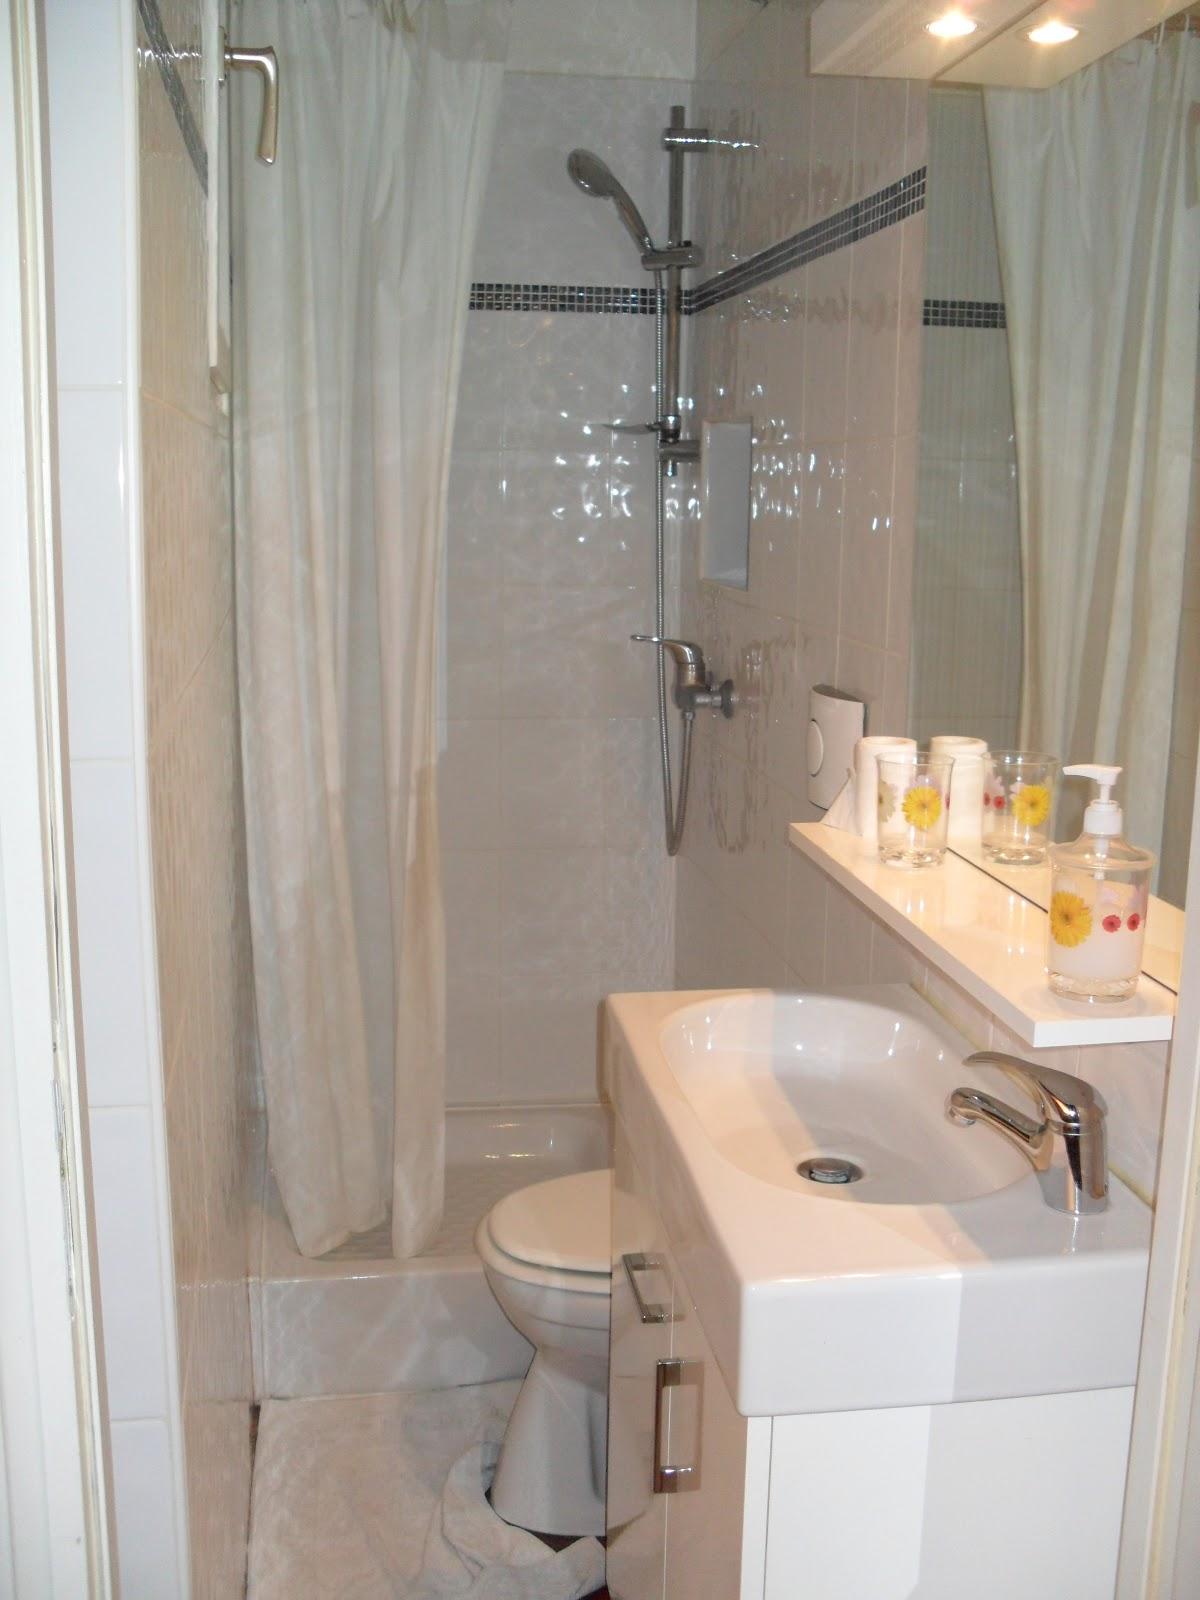 viaje comigo, amigo! Paris cultural -> Banheiro Pequeno Ideias Criativas